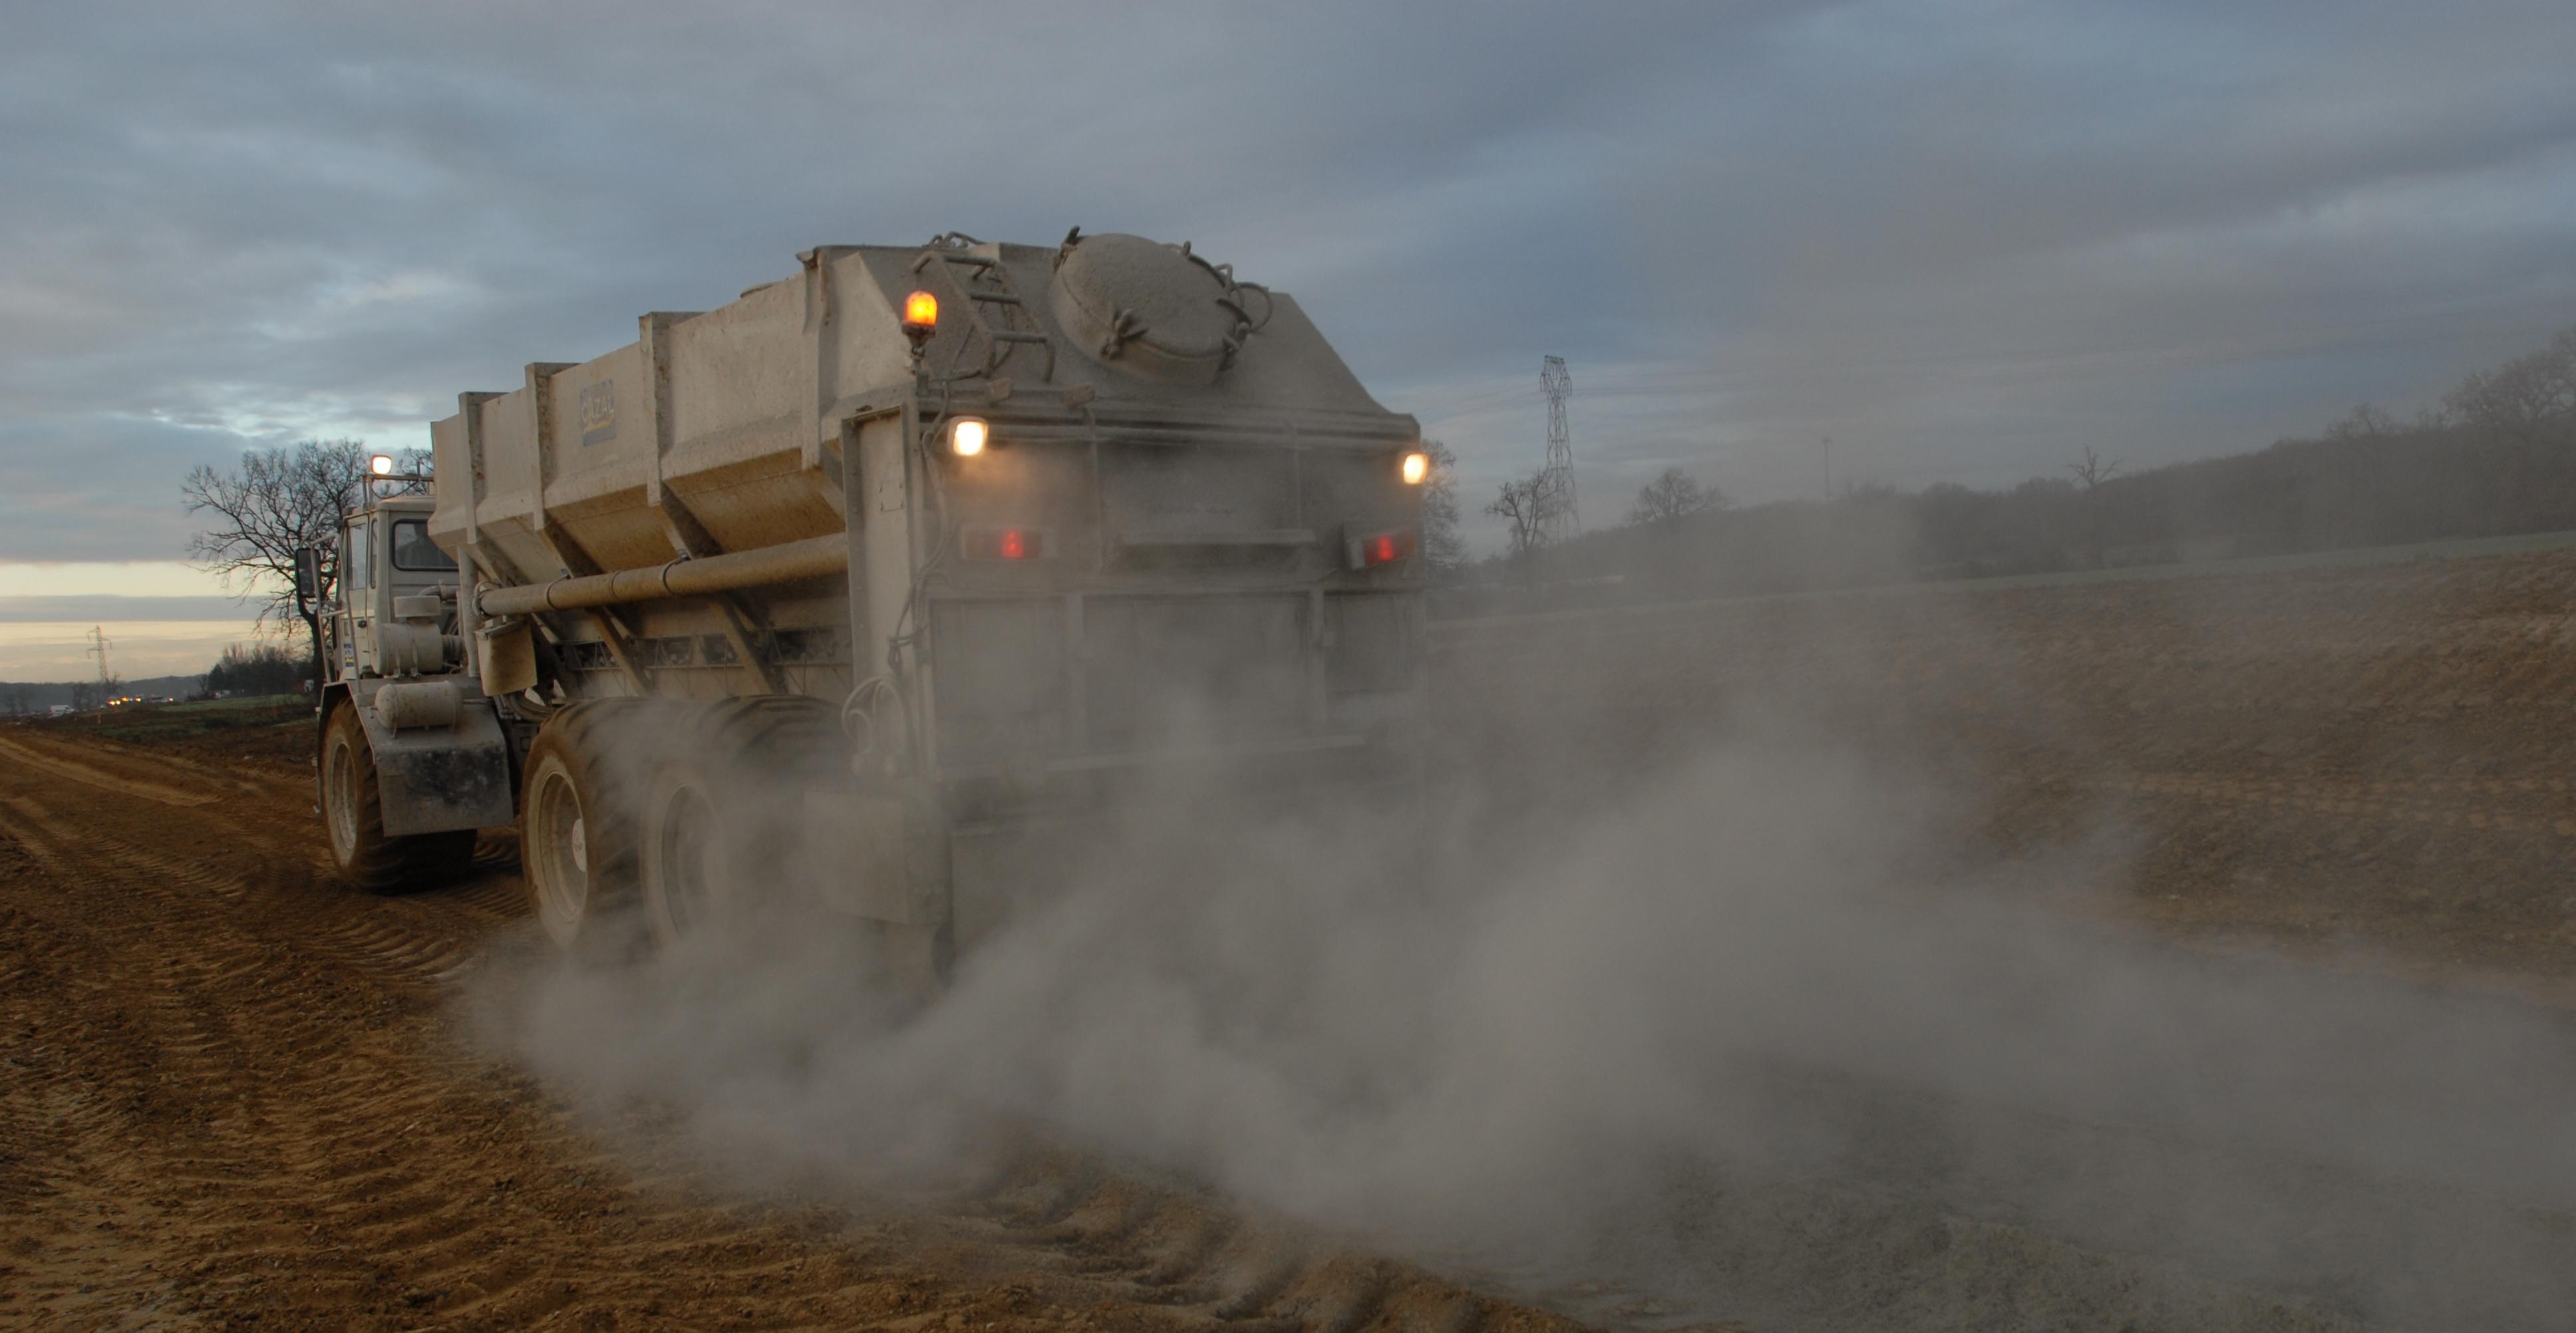 le LHR permet la réalisation de routes durables avec des coûts et délais réduits en utilisant des matériaux locaux. Ph : DR